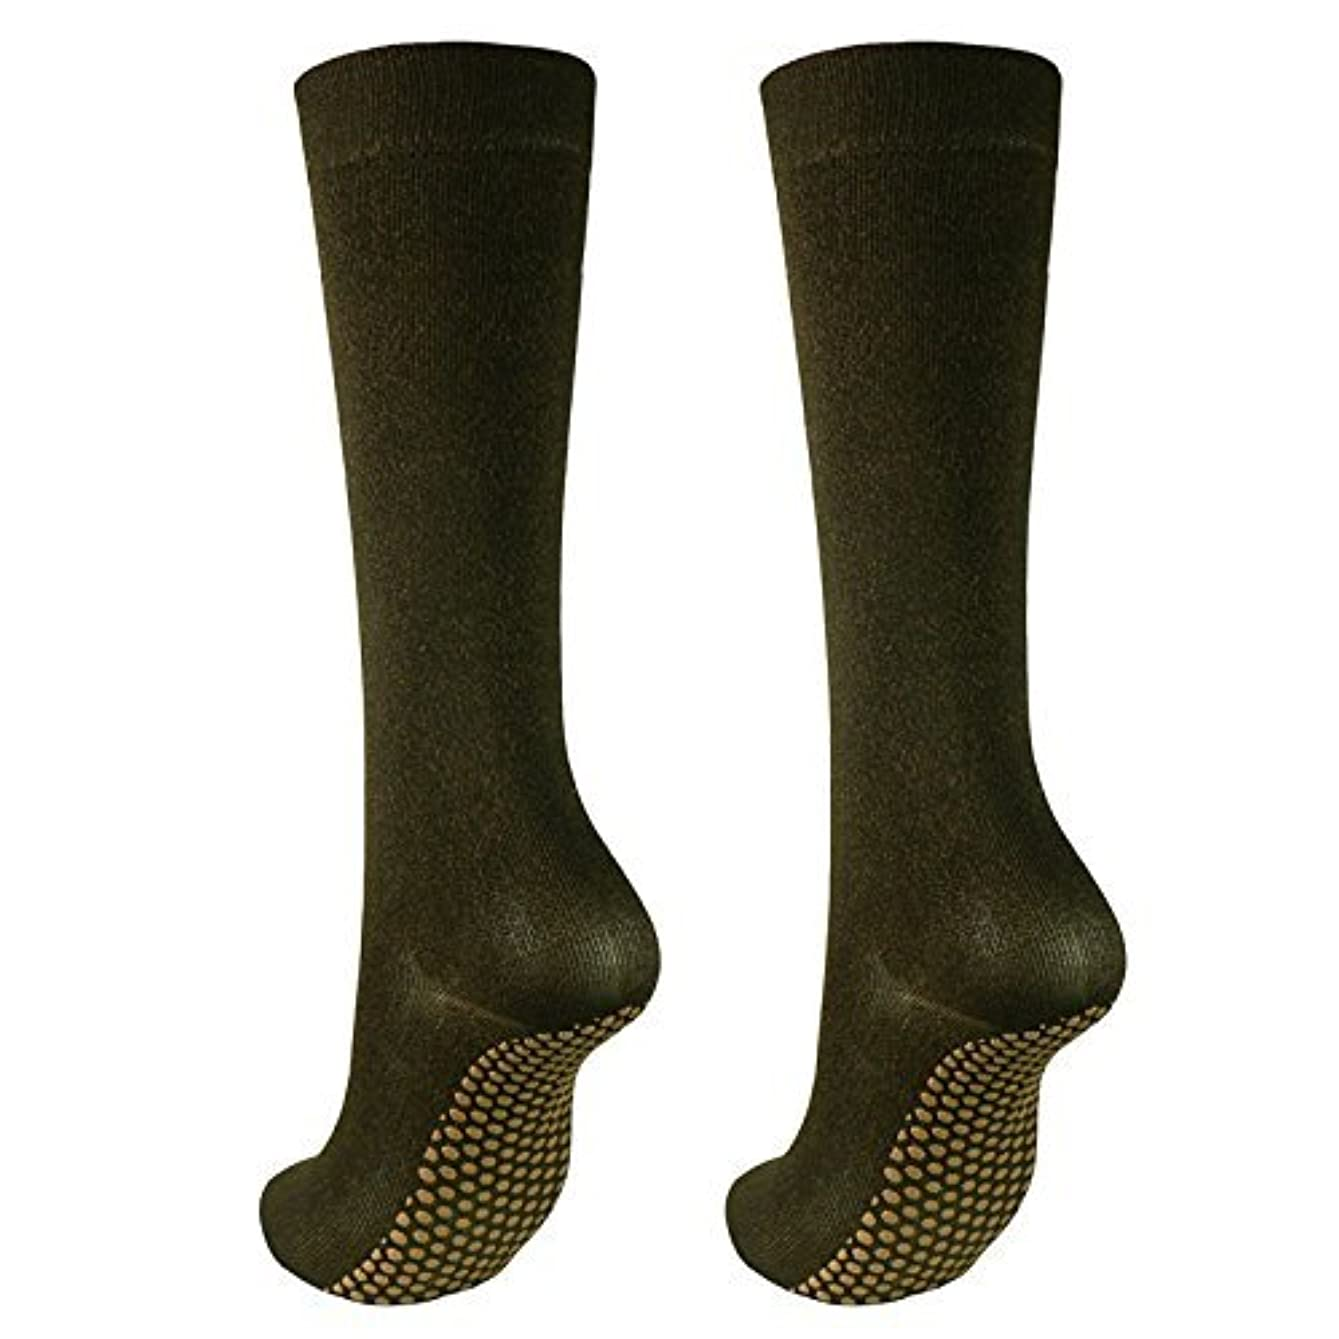 滅びる熱意最悪銅繊維靴下「足もとはいつも青春」ハイソックスタイプ2足セット?静電気対策にも